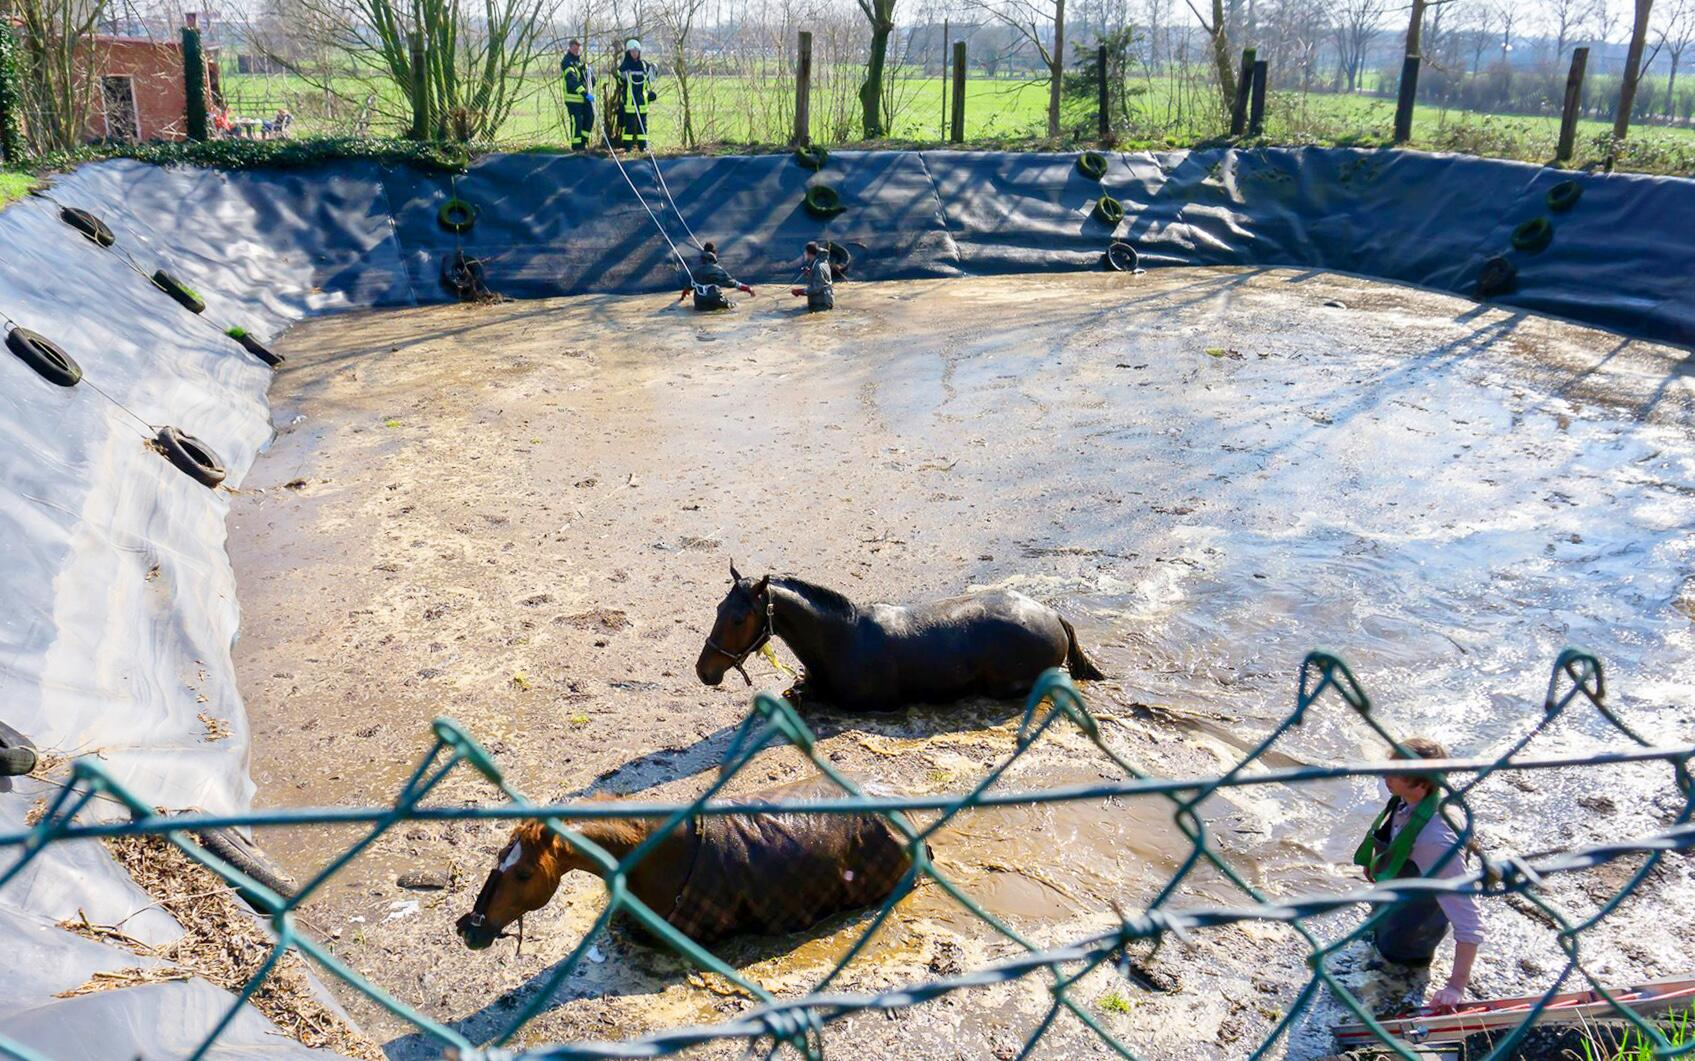 Bild zu Zwei Pferde stürzten in Güllegrube